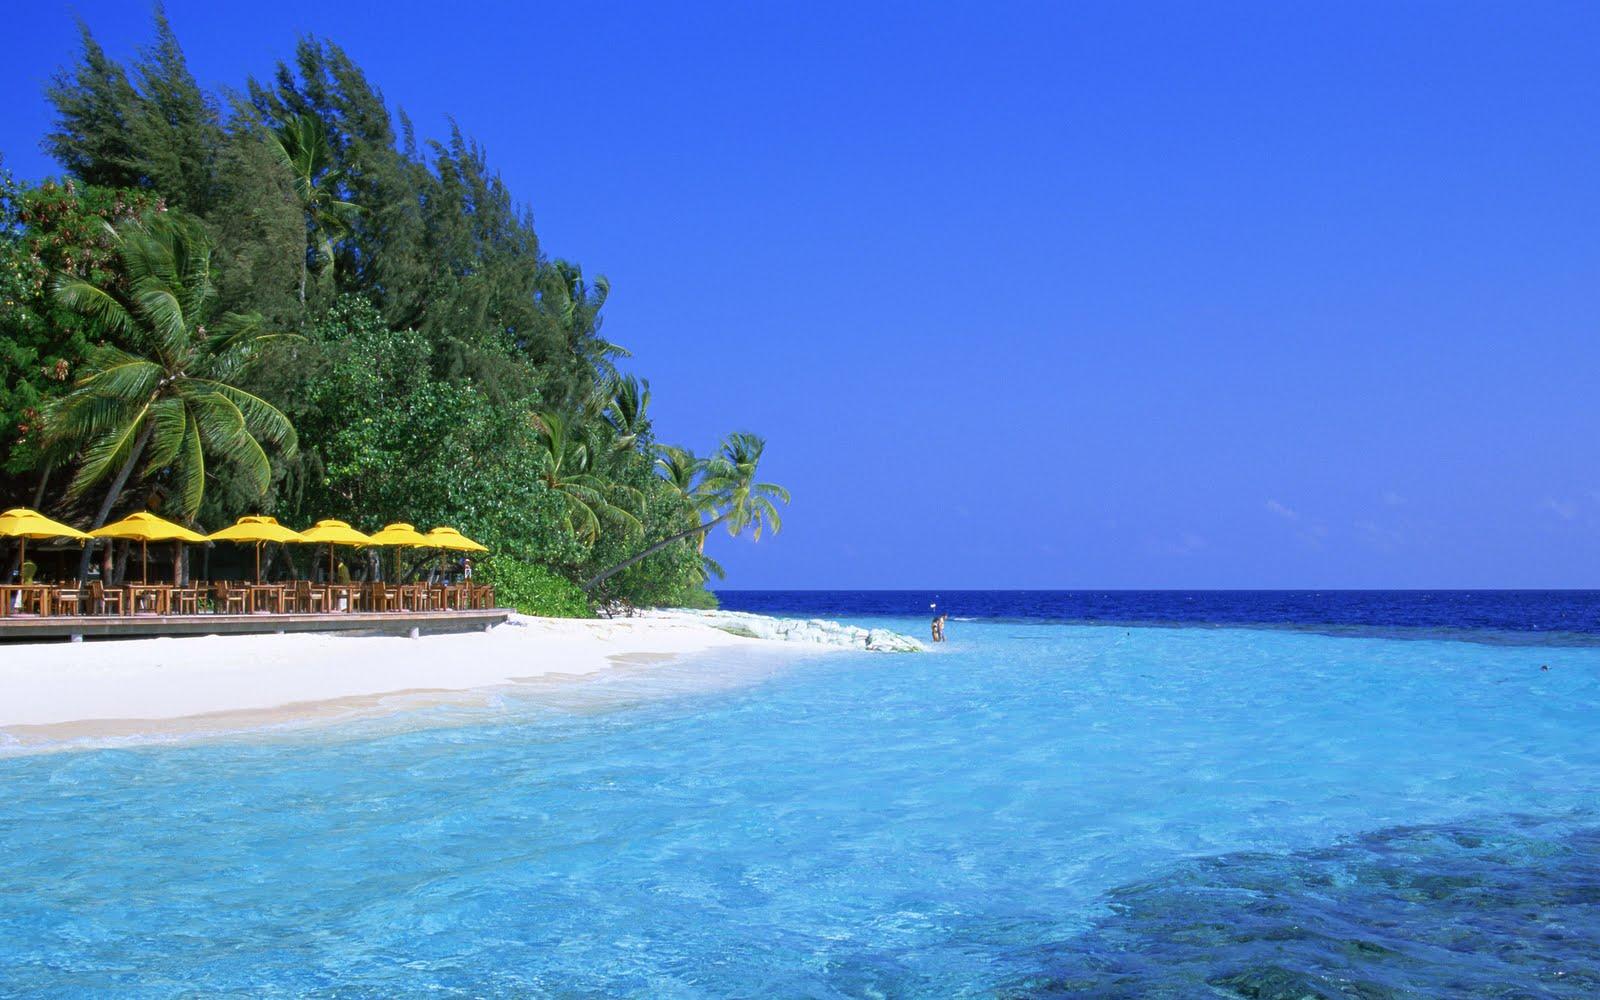 Cool Beach Wallpaper: Hd Beach Desktop Backgrounds